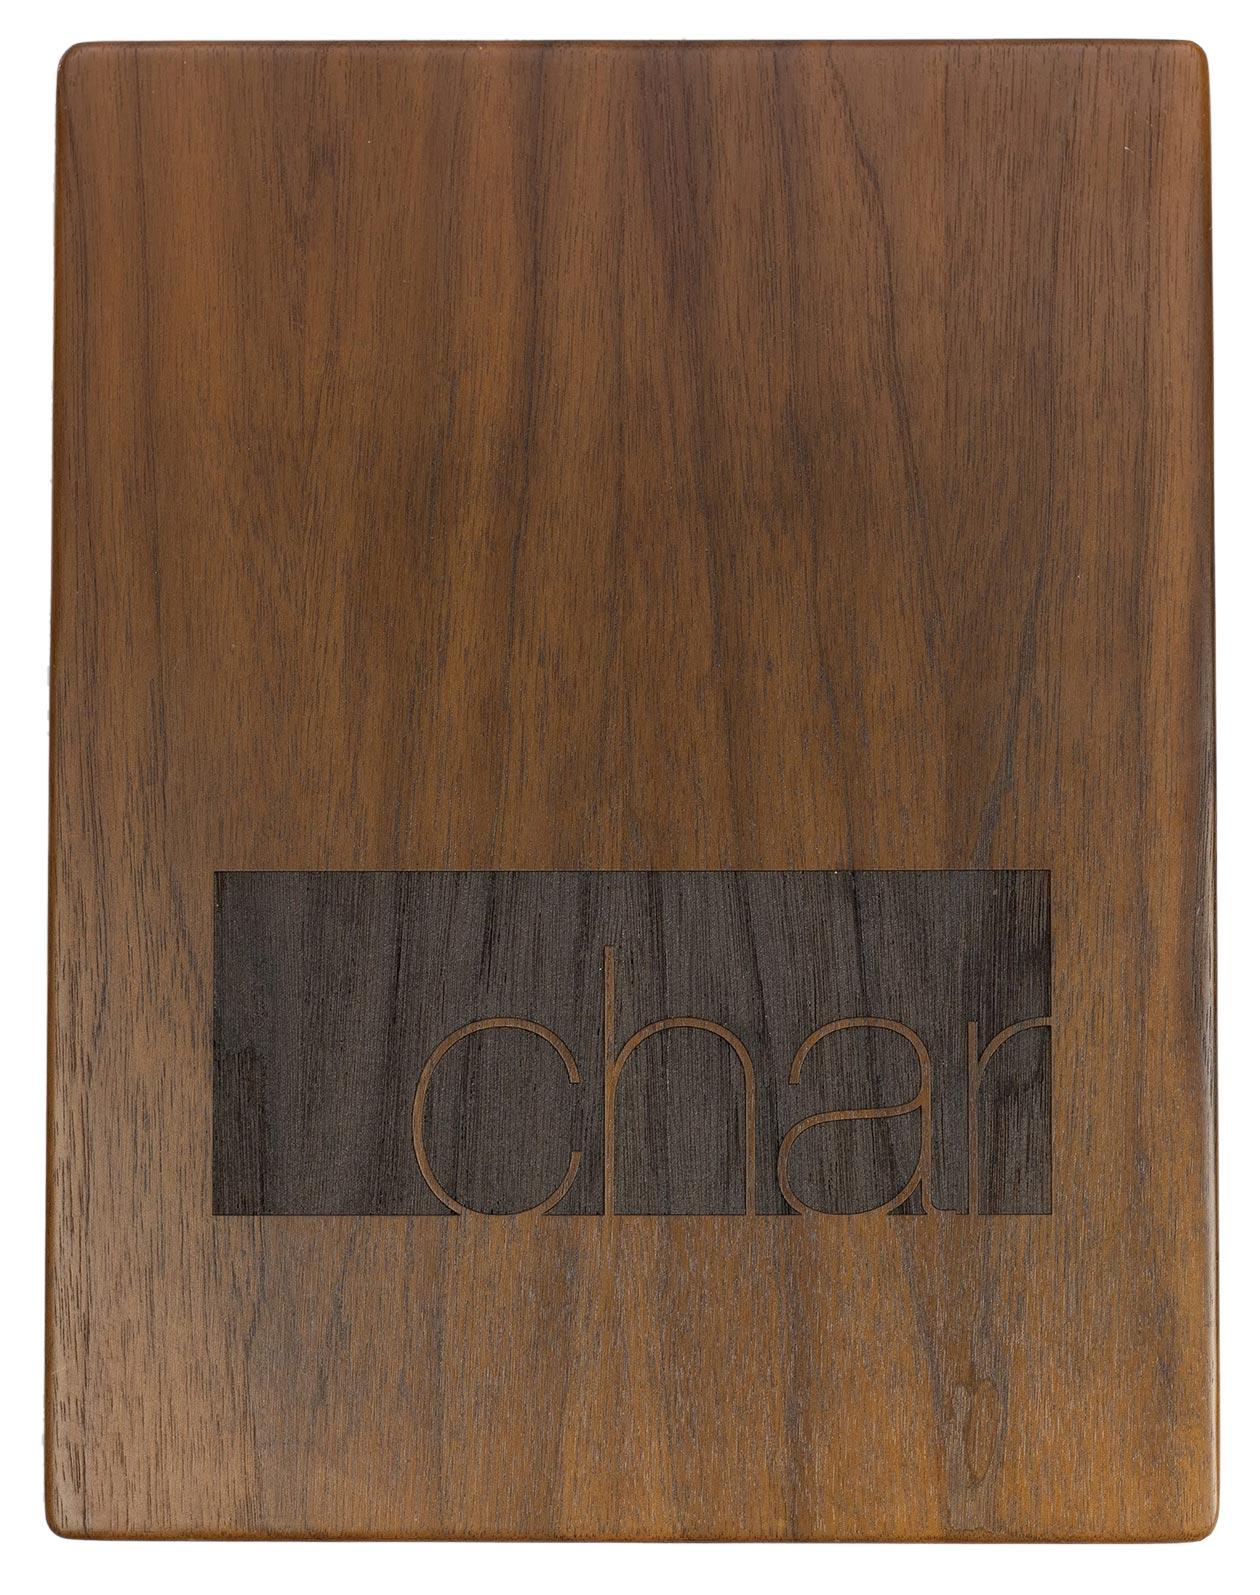 Woodboard 02 wr